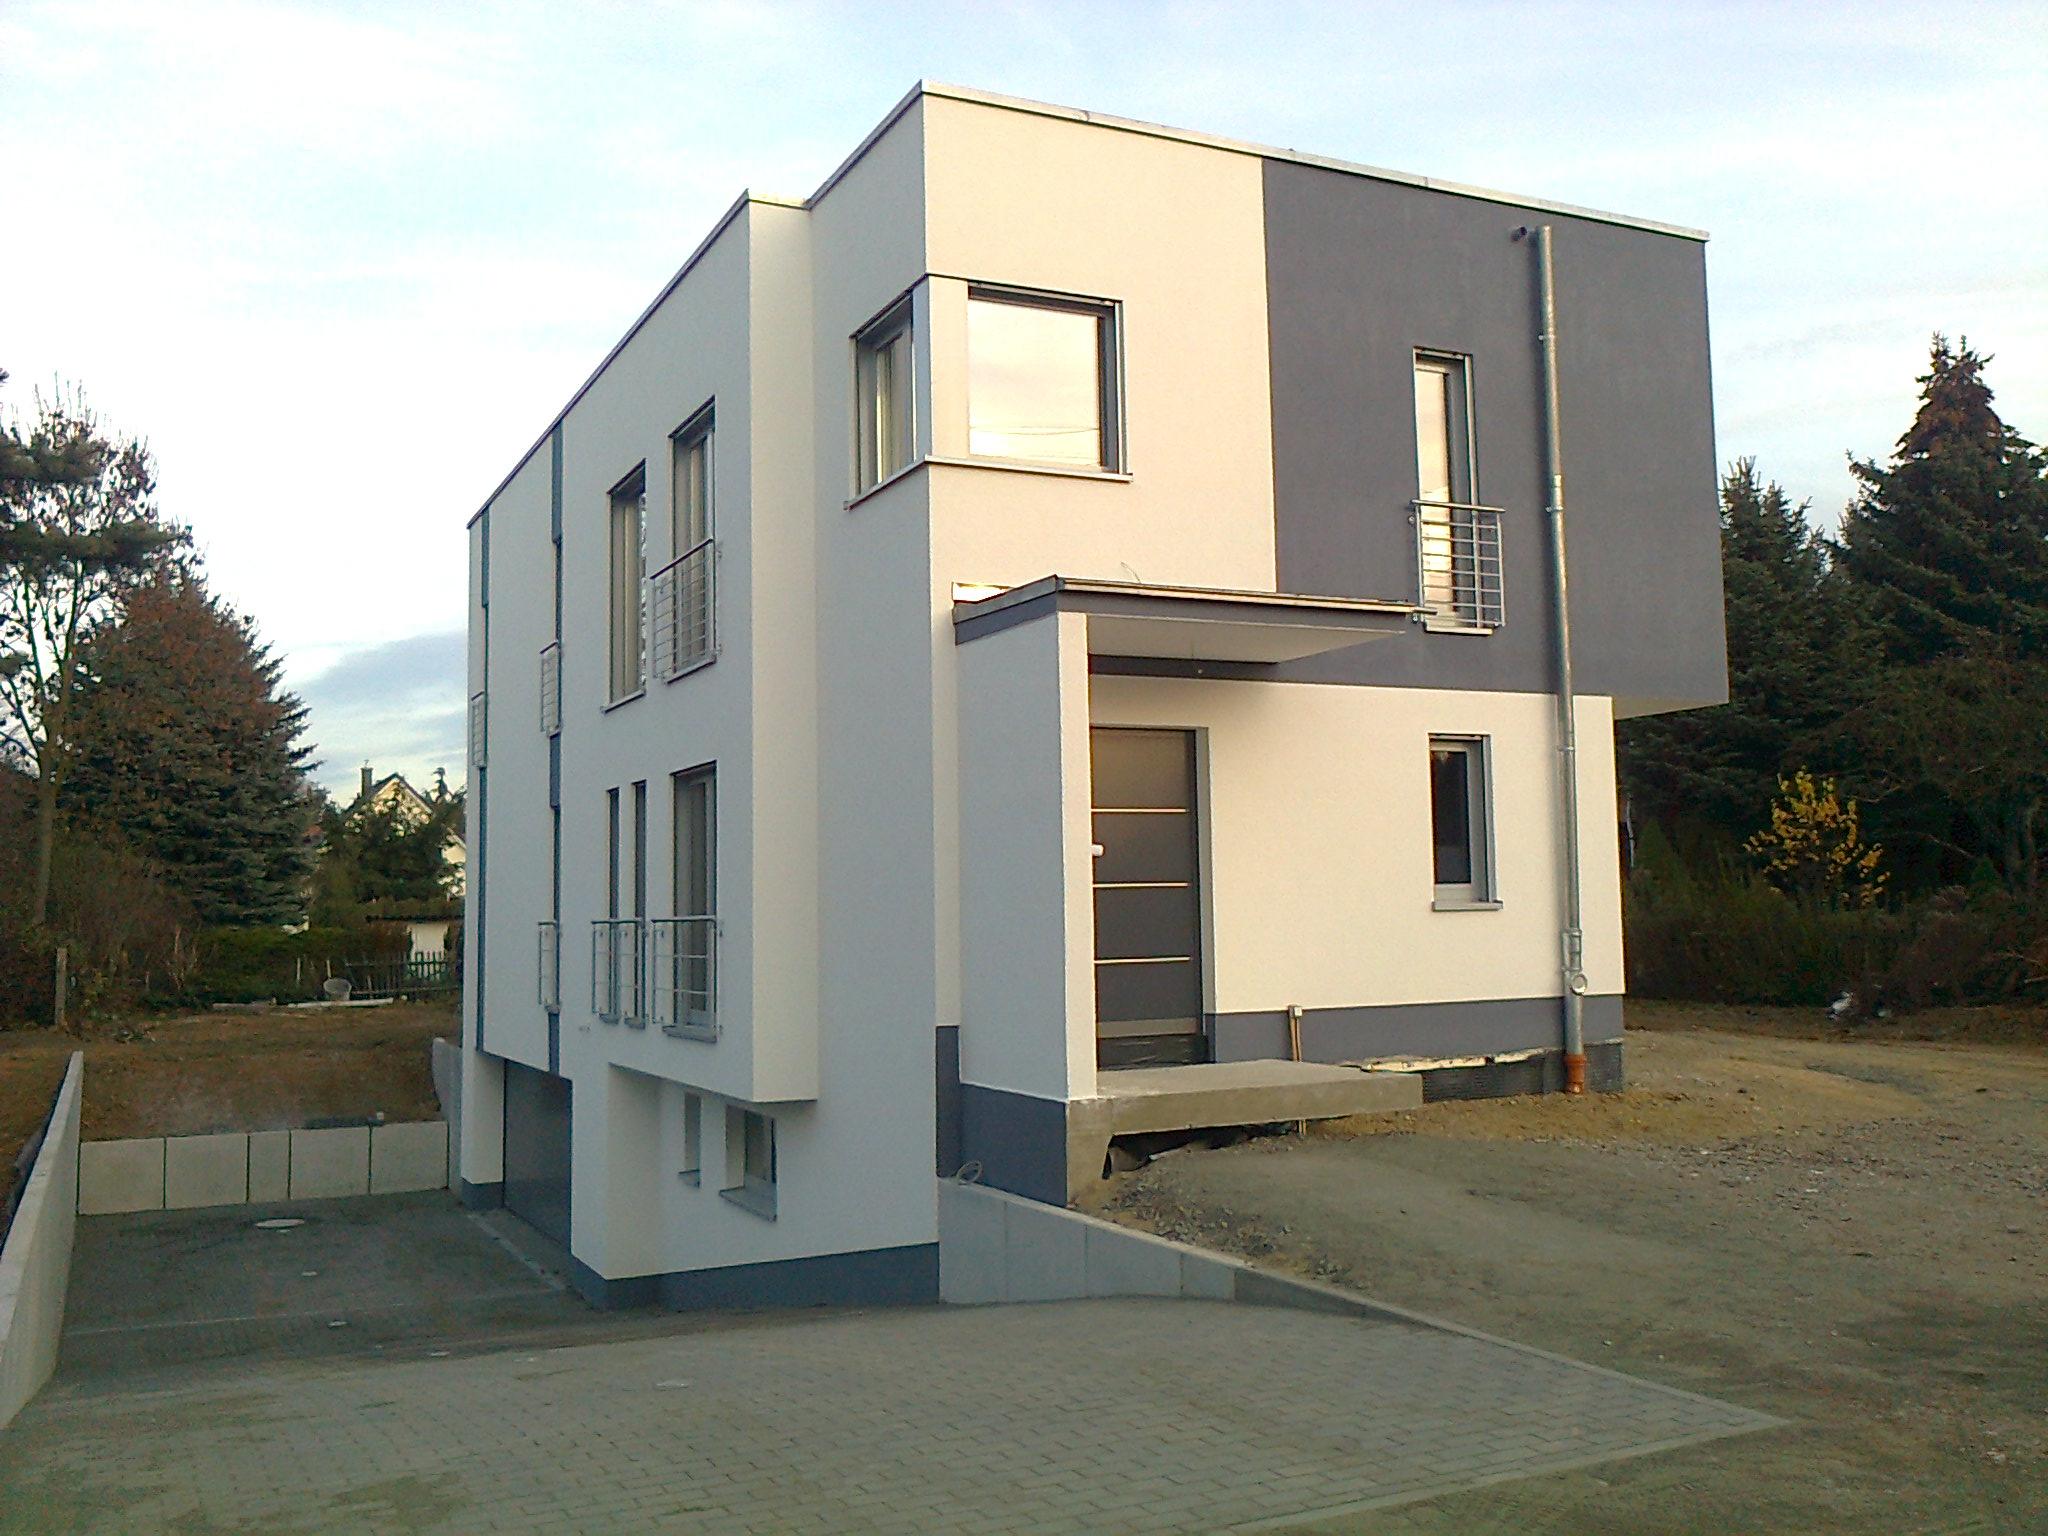 Erichtung eines Einfamilienhaus in Leipzig